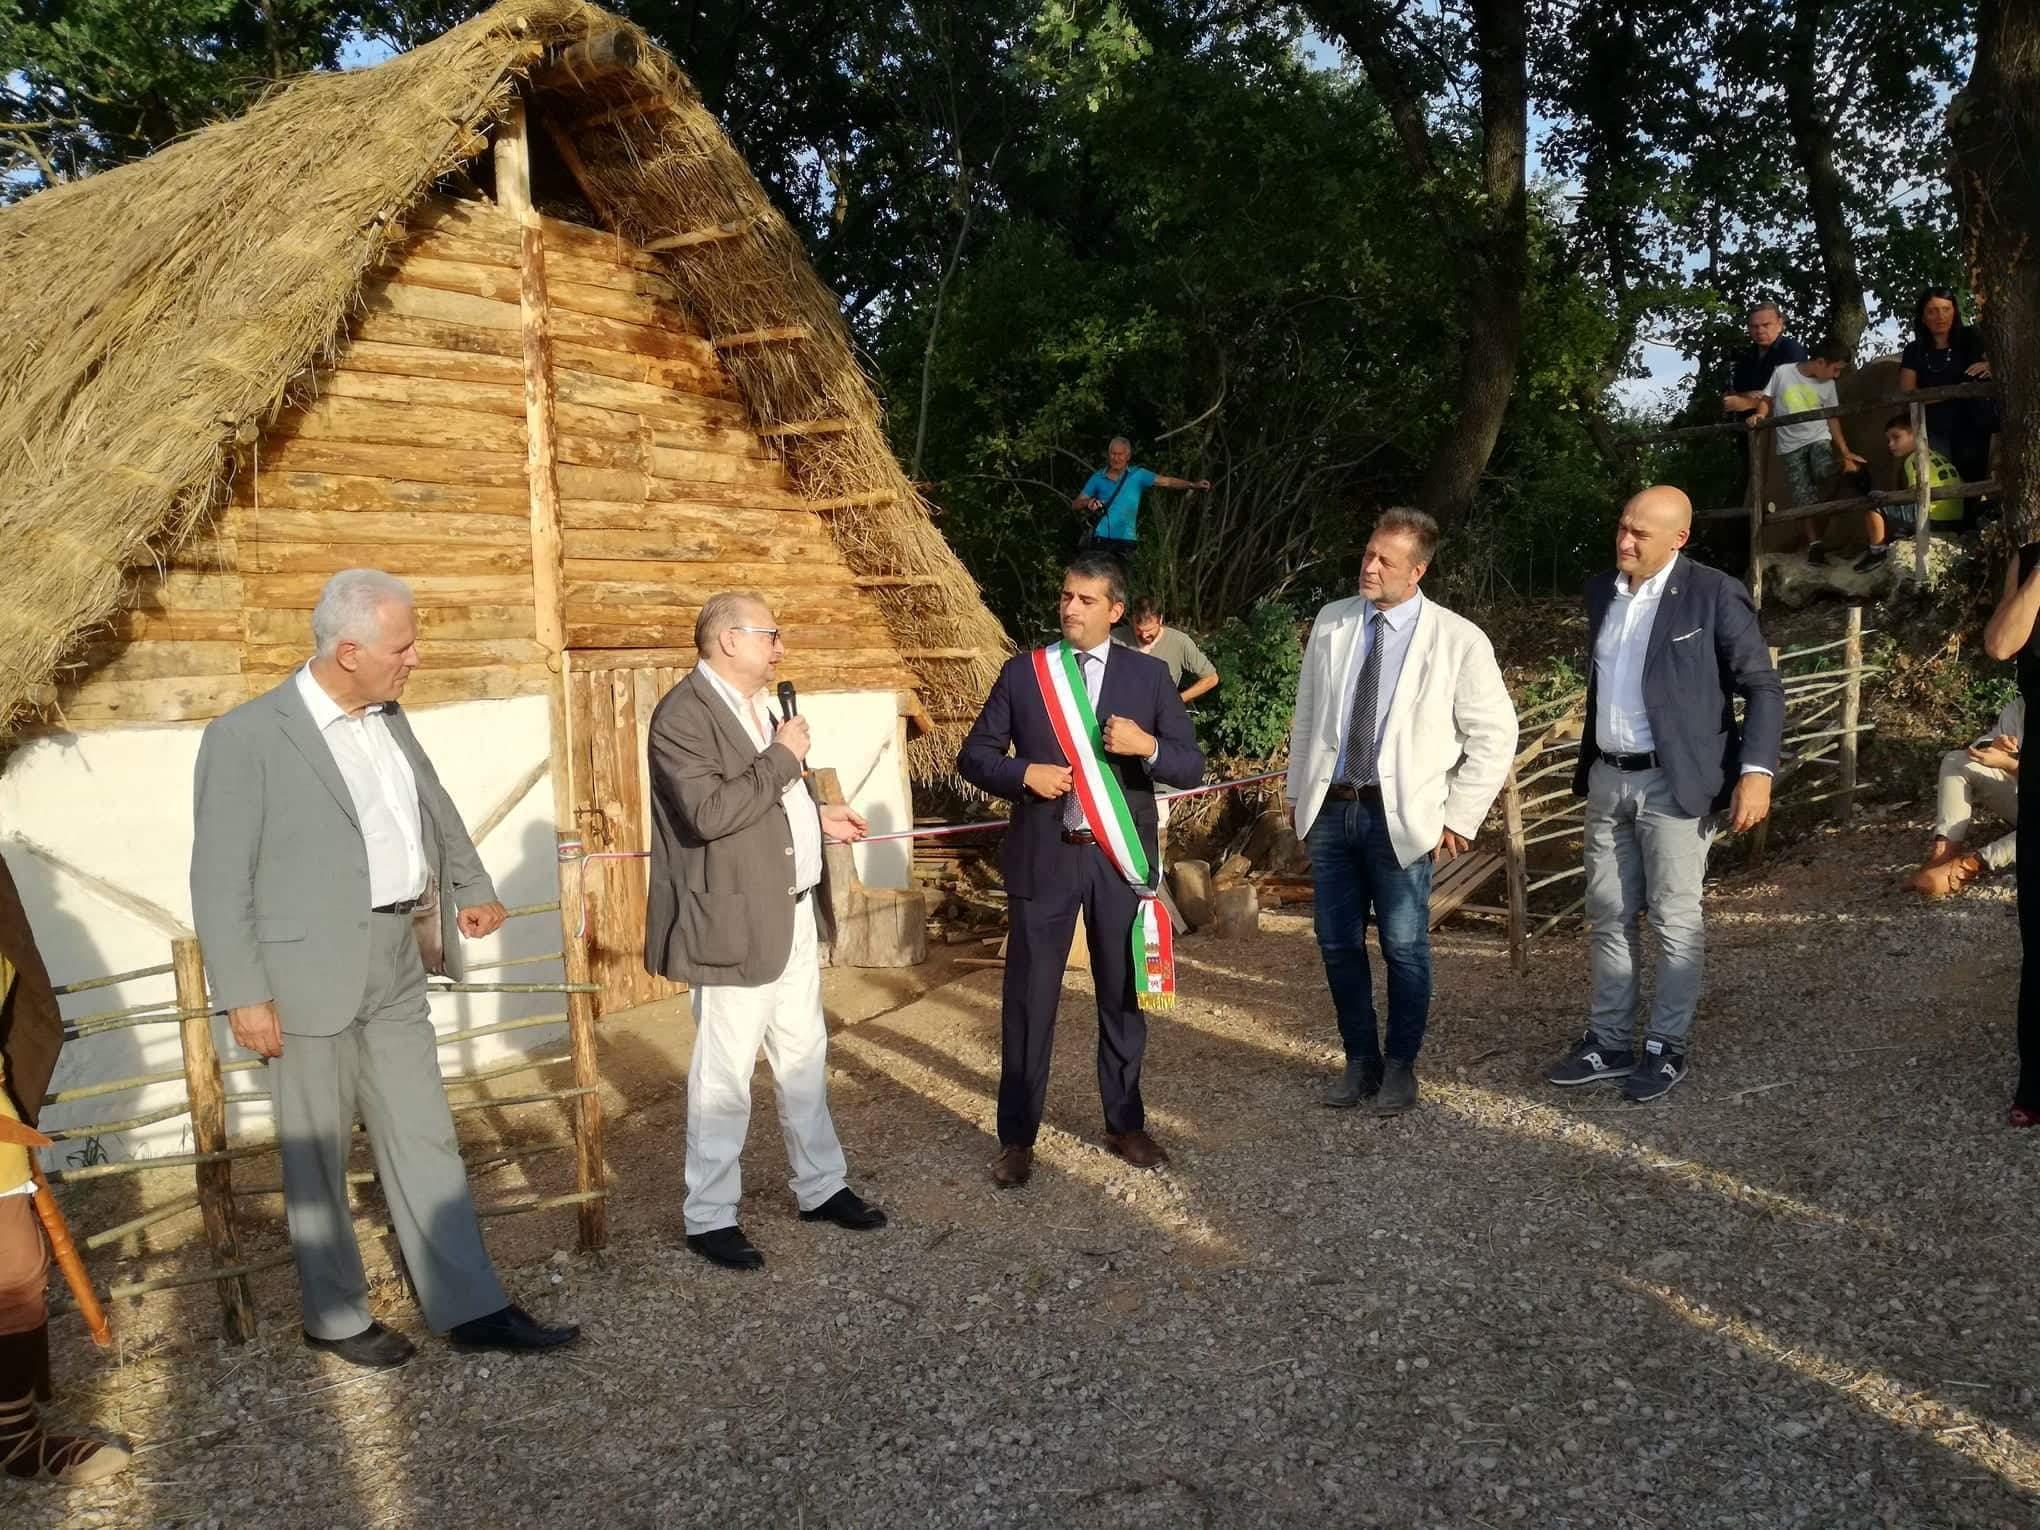 Terzo lotto di lavori per l'Archeodromo di Poggibonsi. Il villaggio carolingio diventa più grande